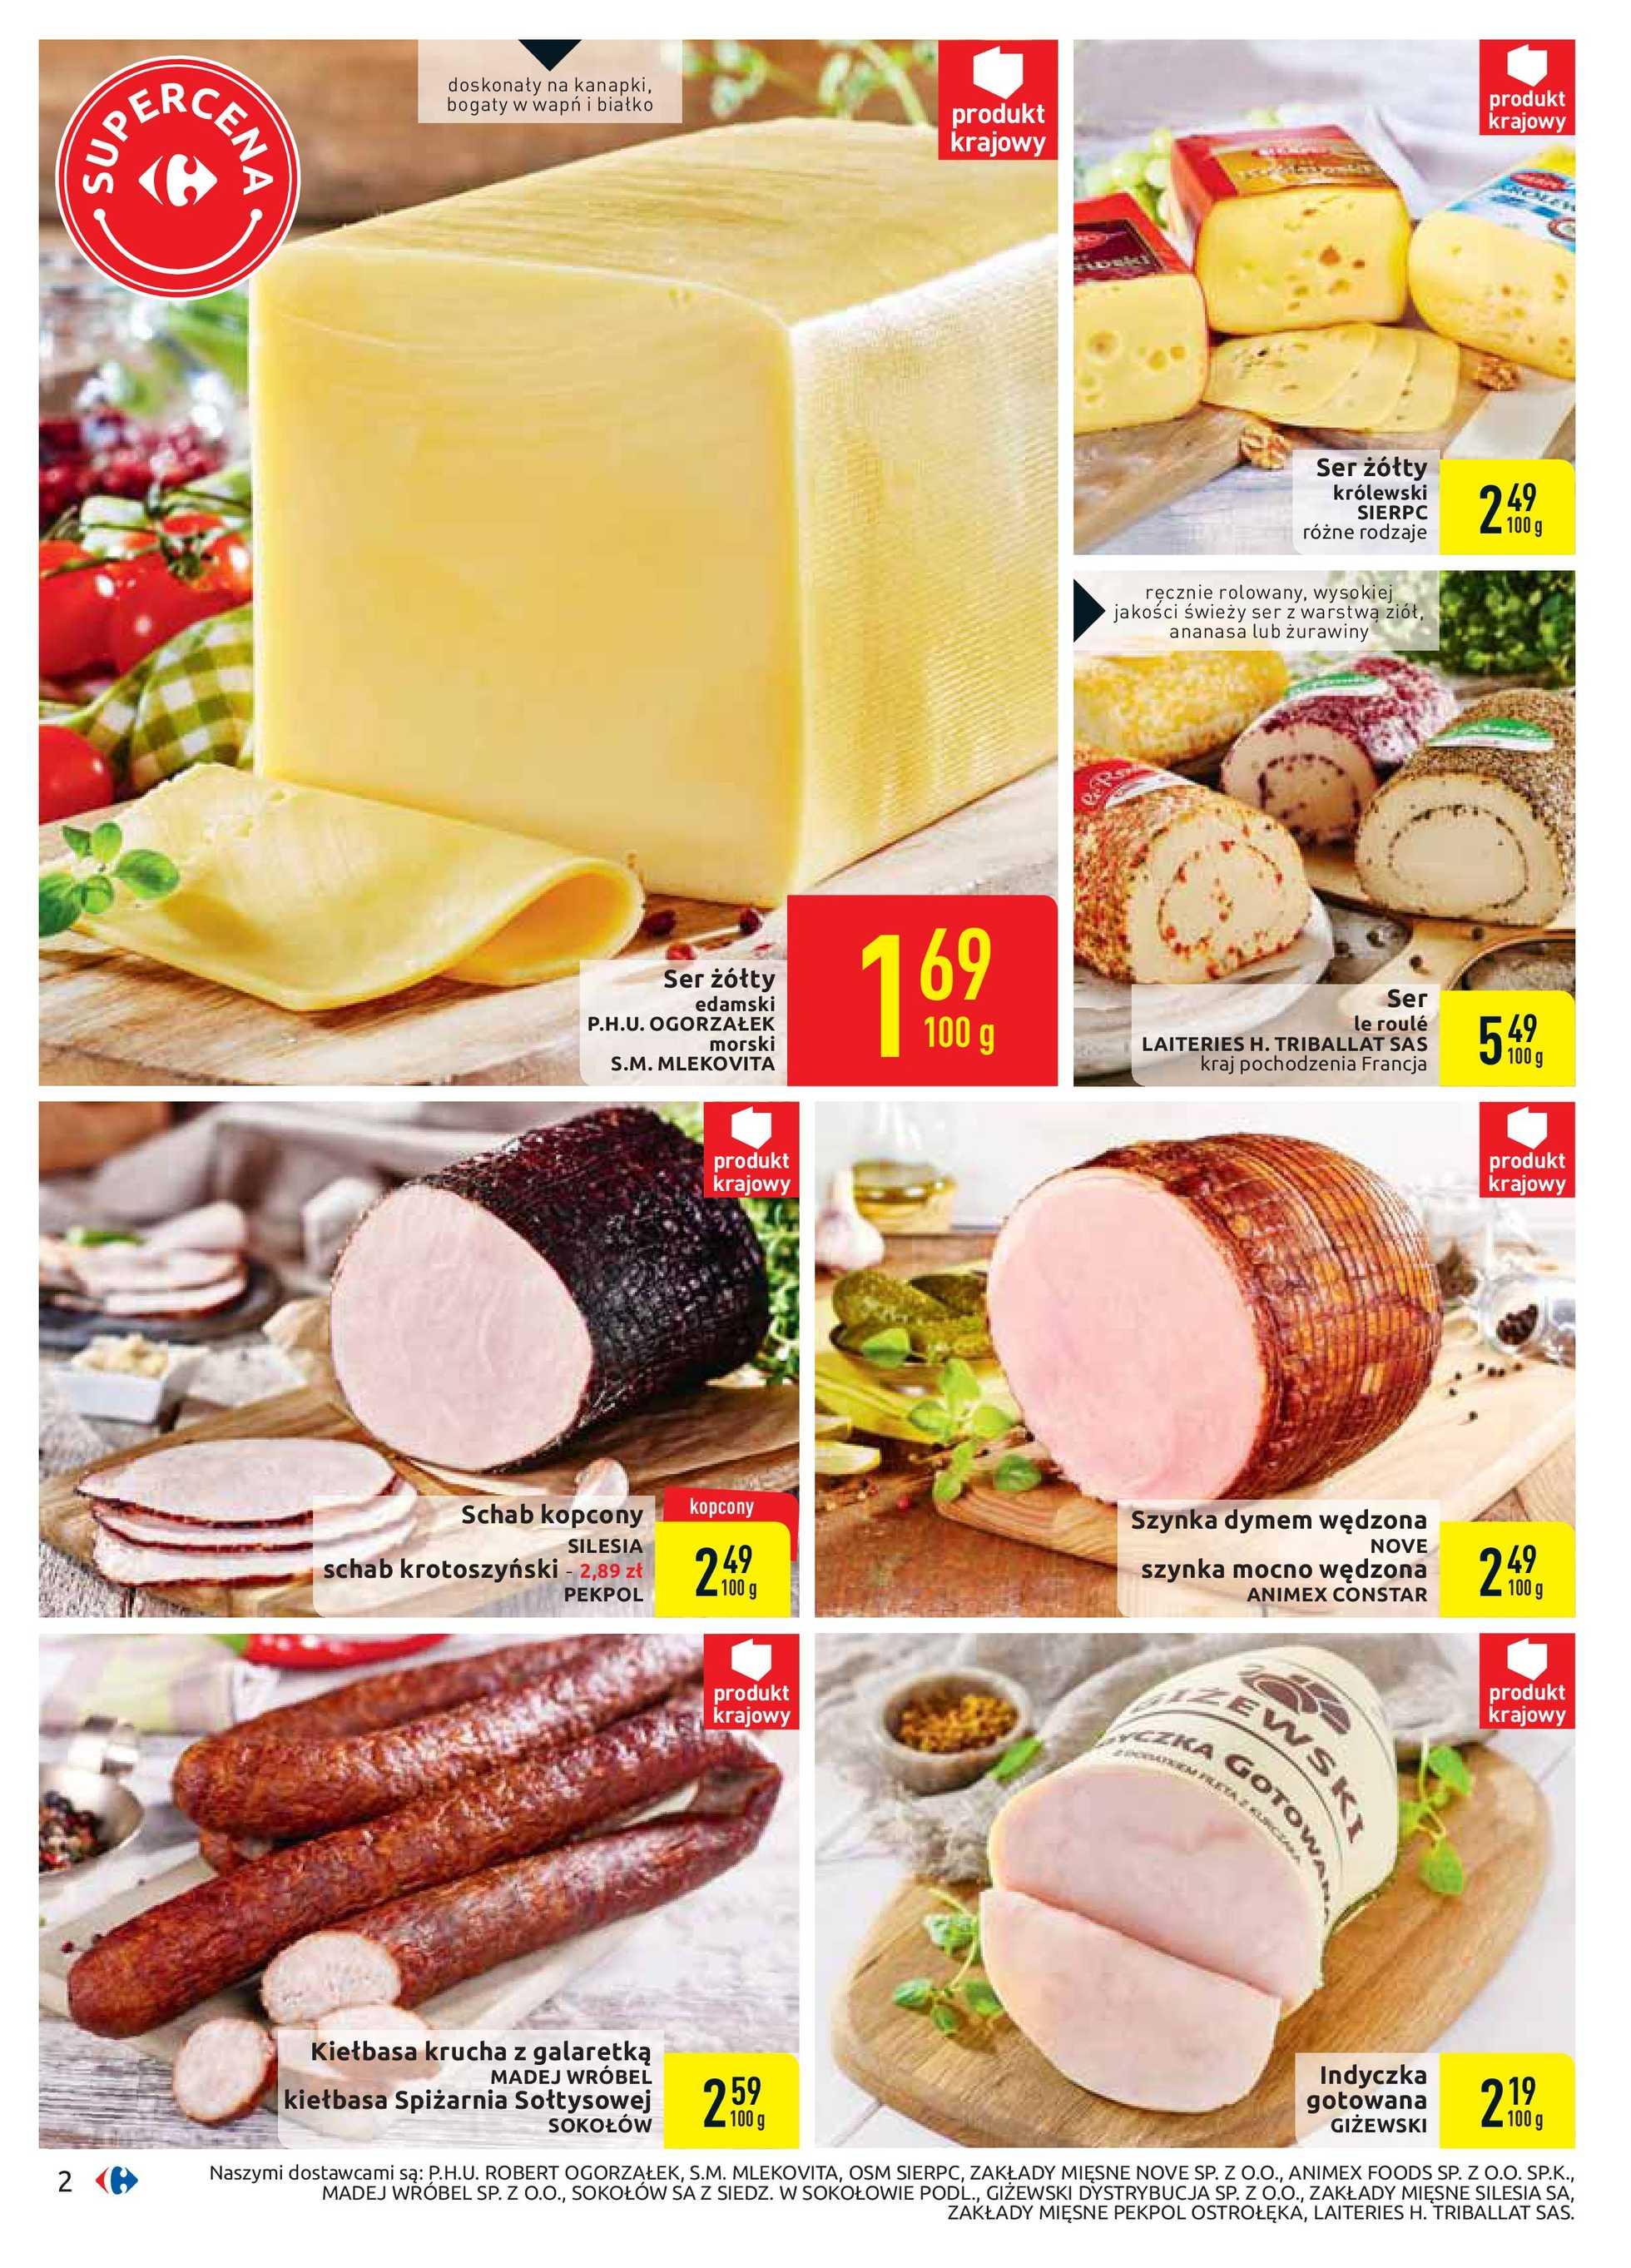 Carrefour - gazetka promocyjna ważna od 21.01.2020 do 01.02.2020 - strona 2.